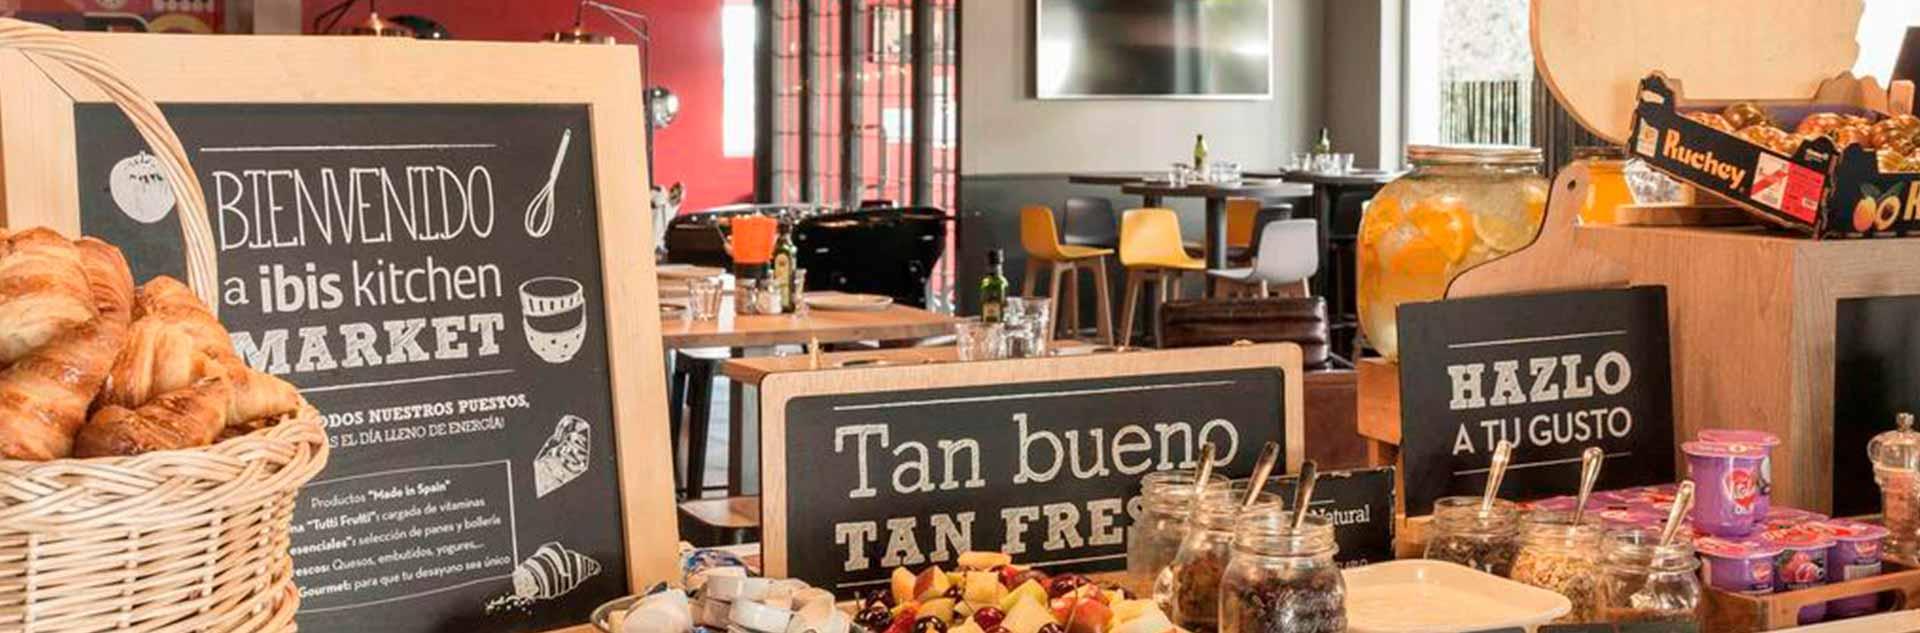 Buffet del hotel Ibis Madrid Fuenlabrada